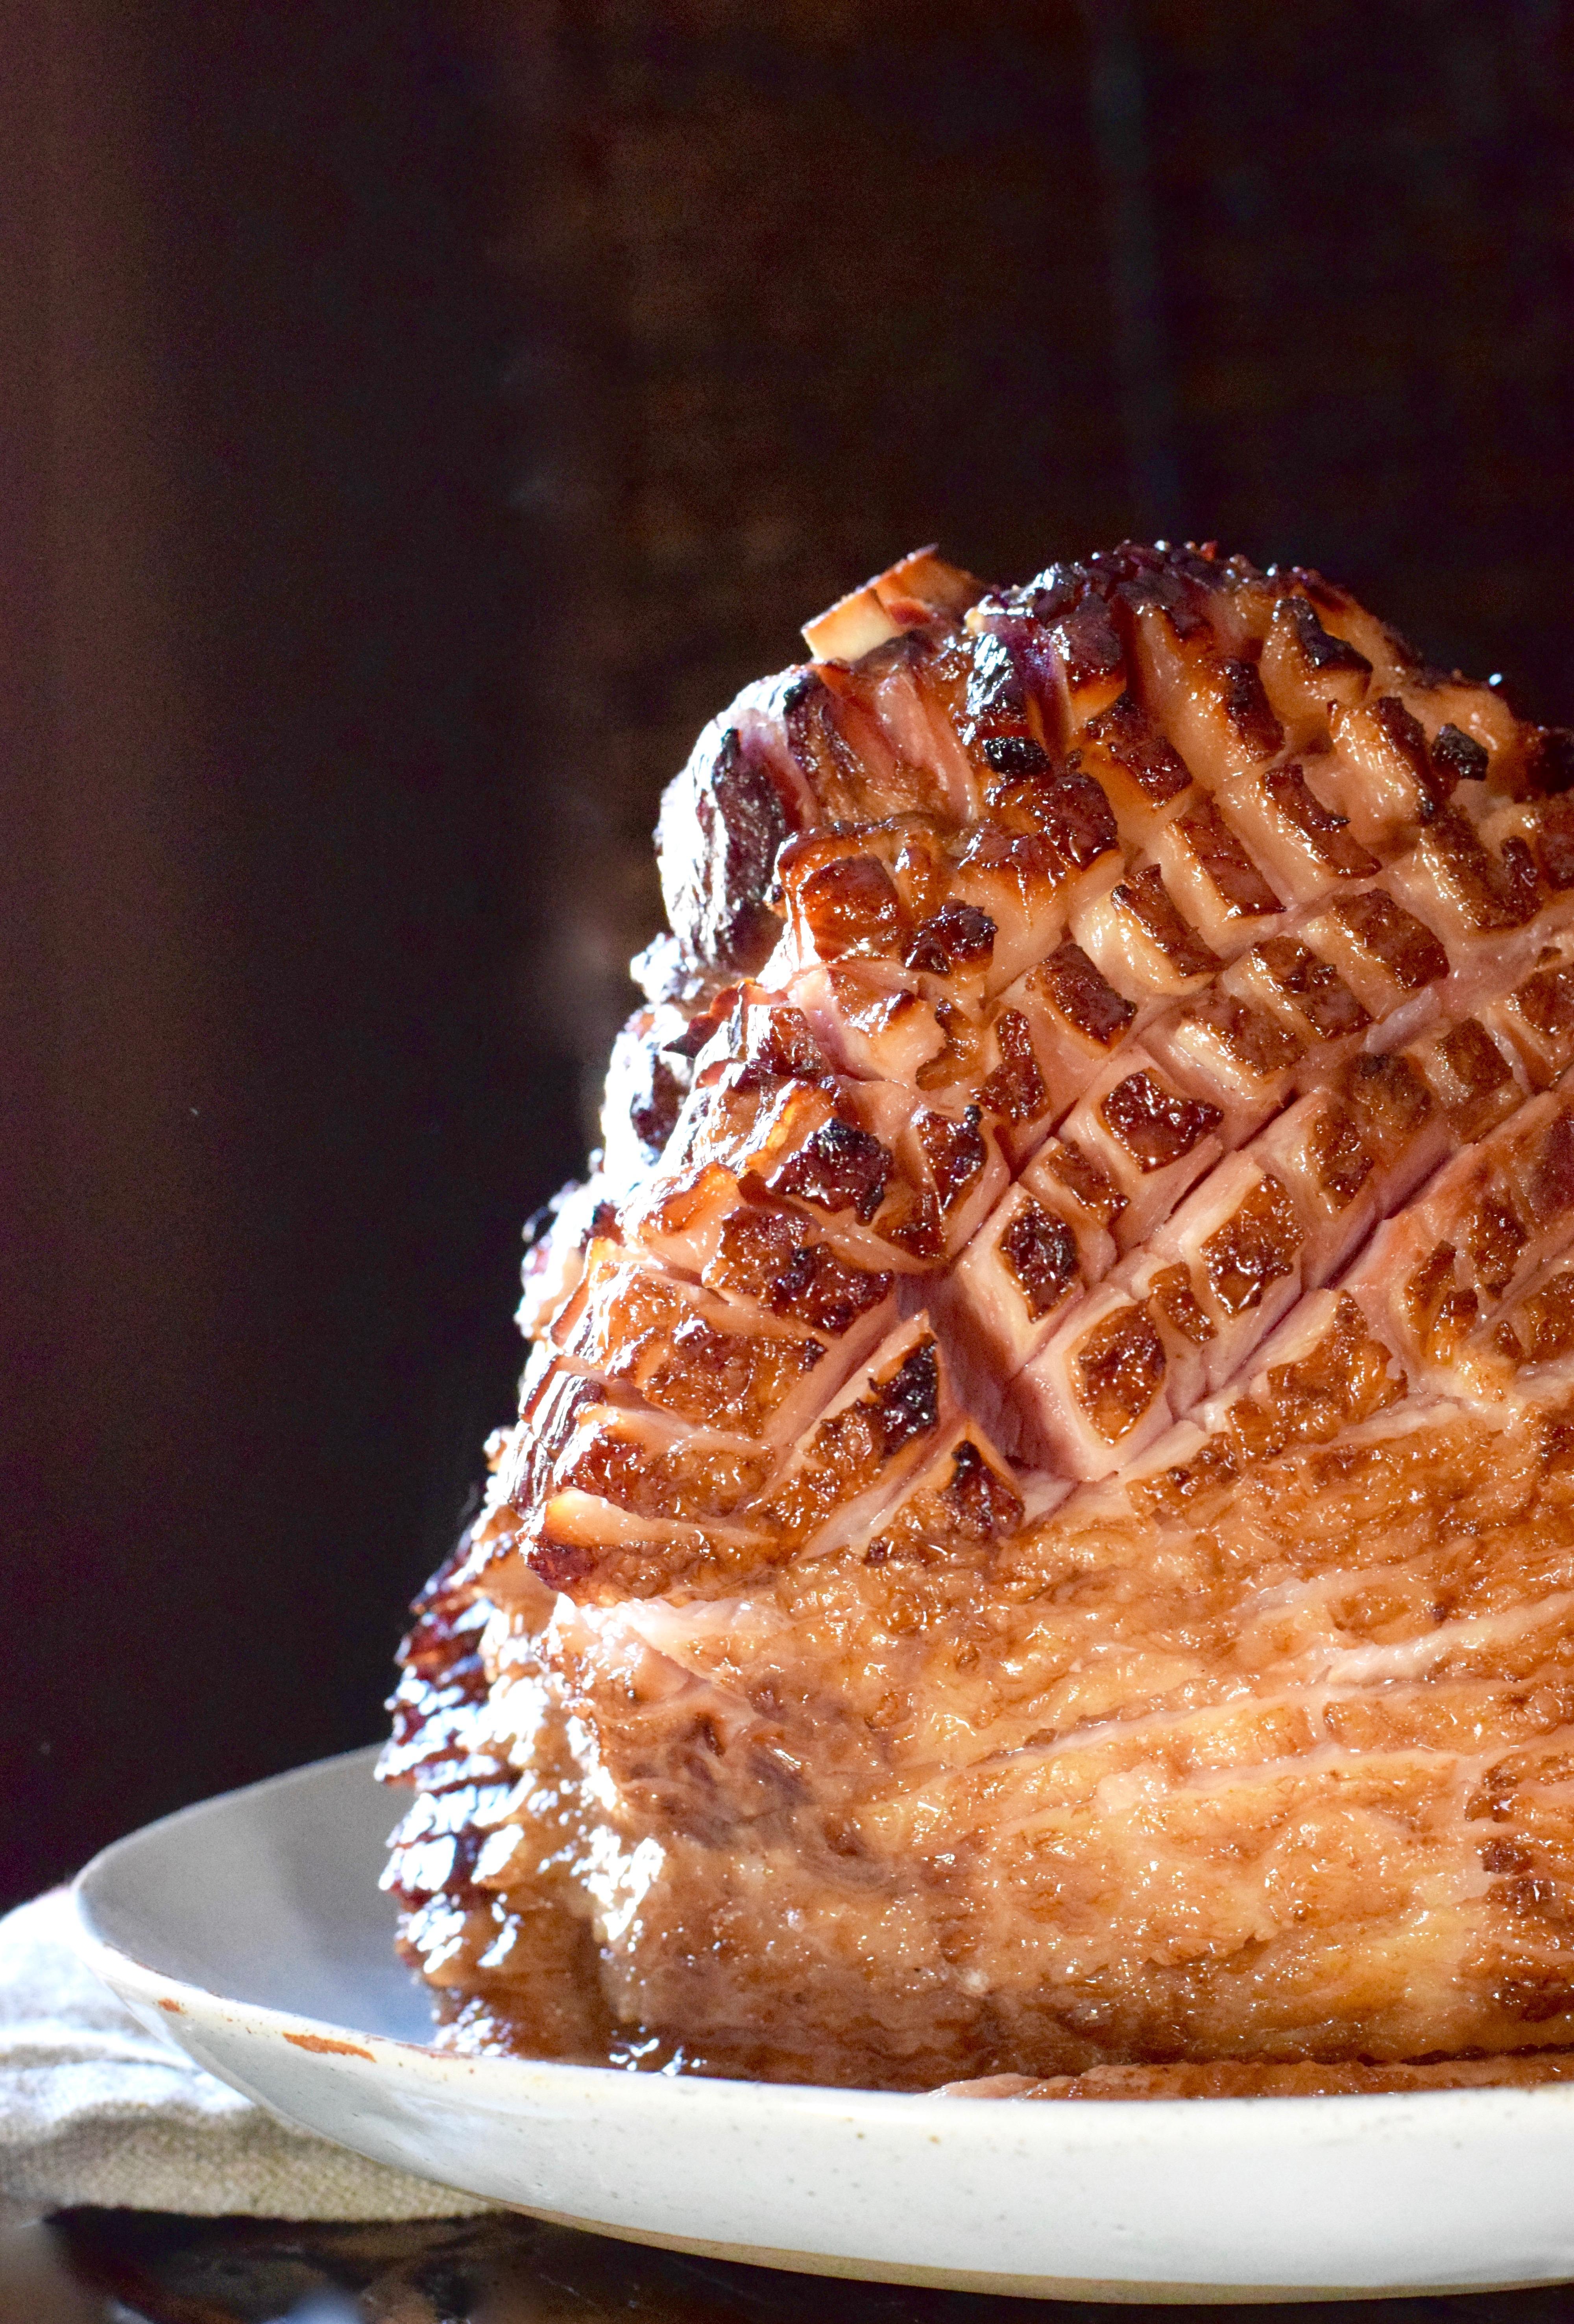 Apple Cider Amp Maple Glazed Ham Recipe Whole Fed Homestead